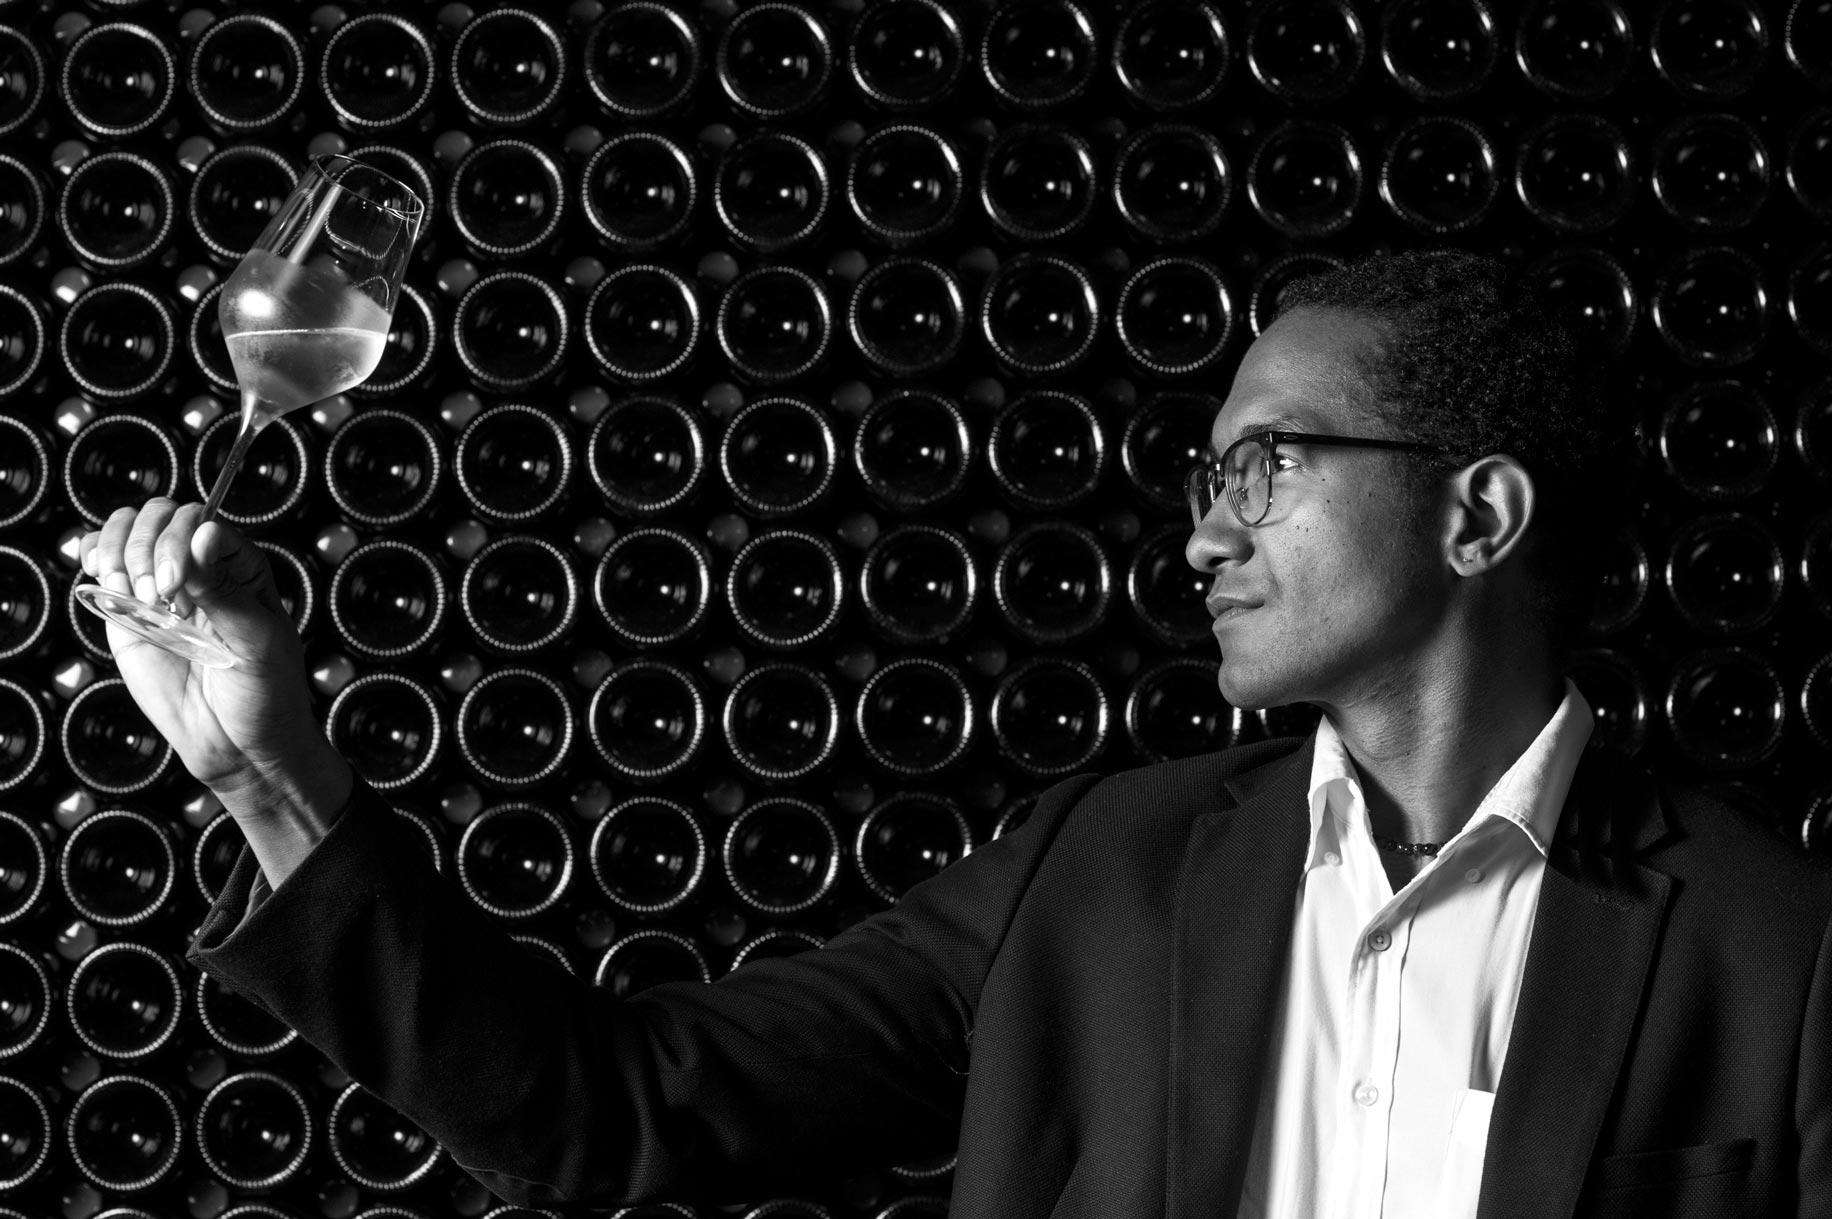 photographie en noir et blanc d'une dégustation de champagne